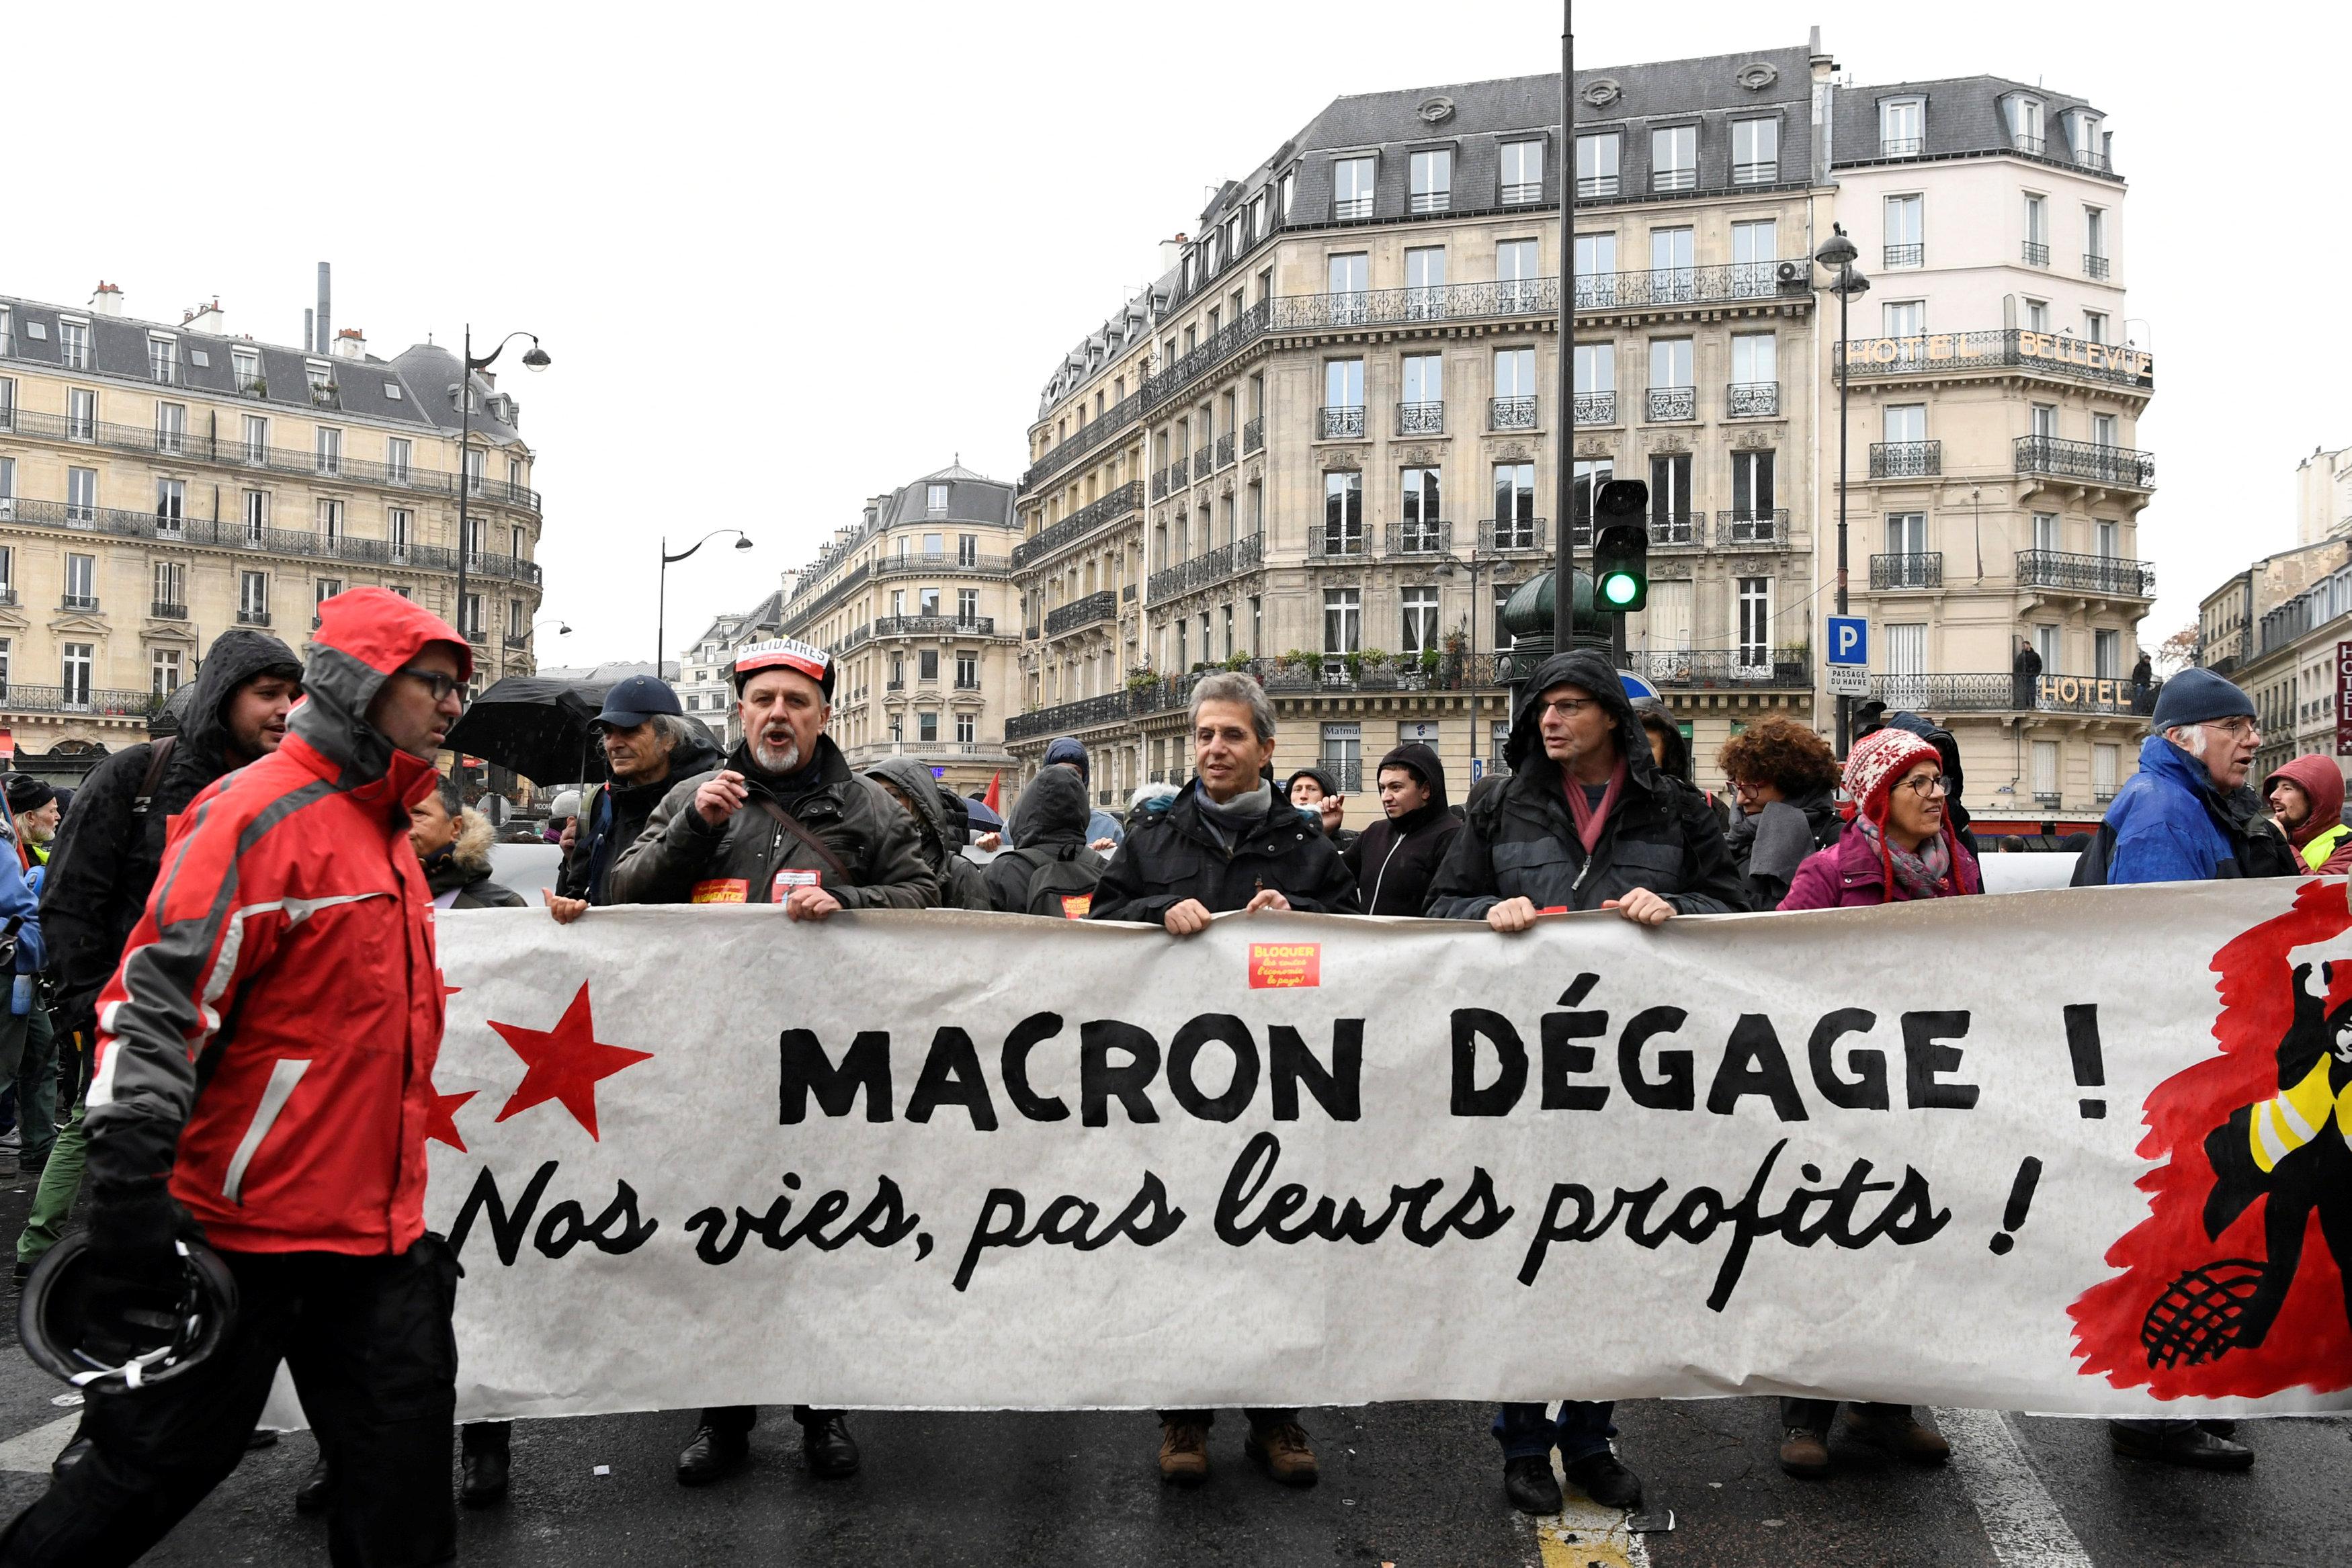 لافتة تطالب برحيل ماكرون